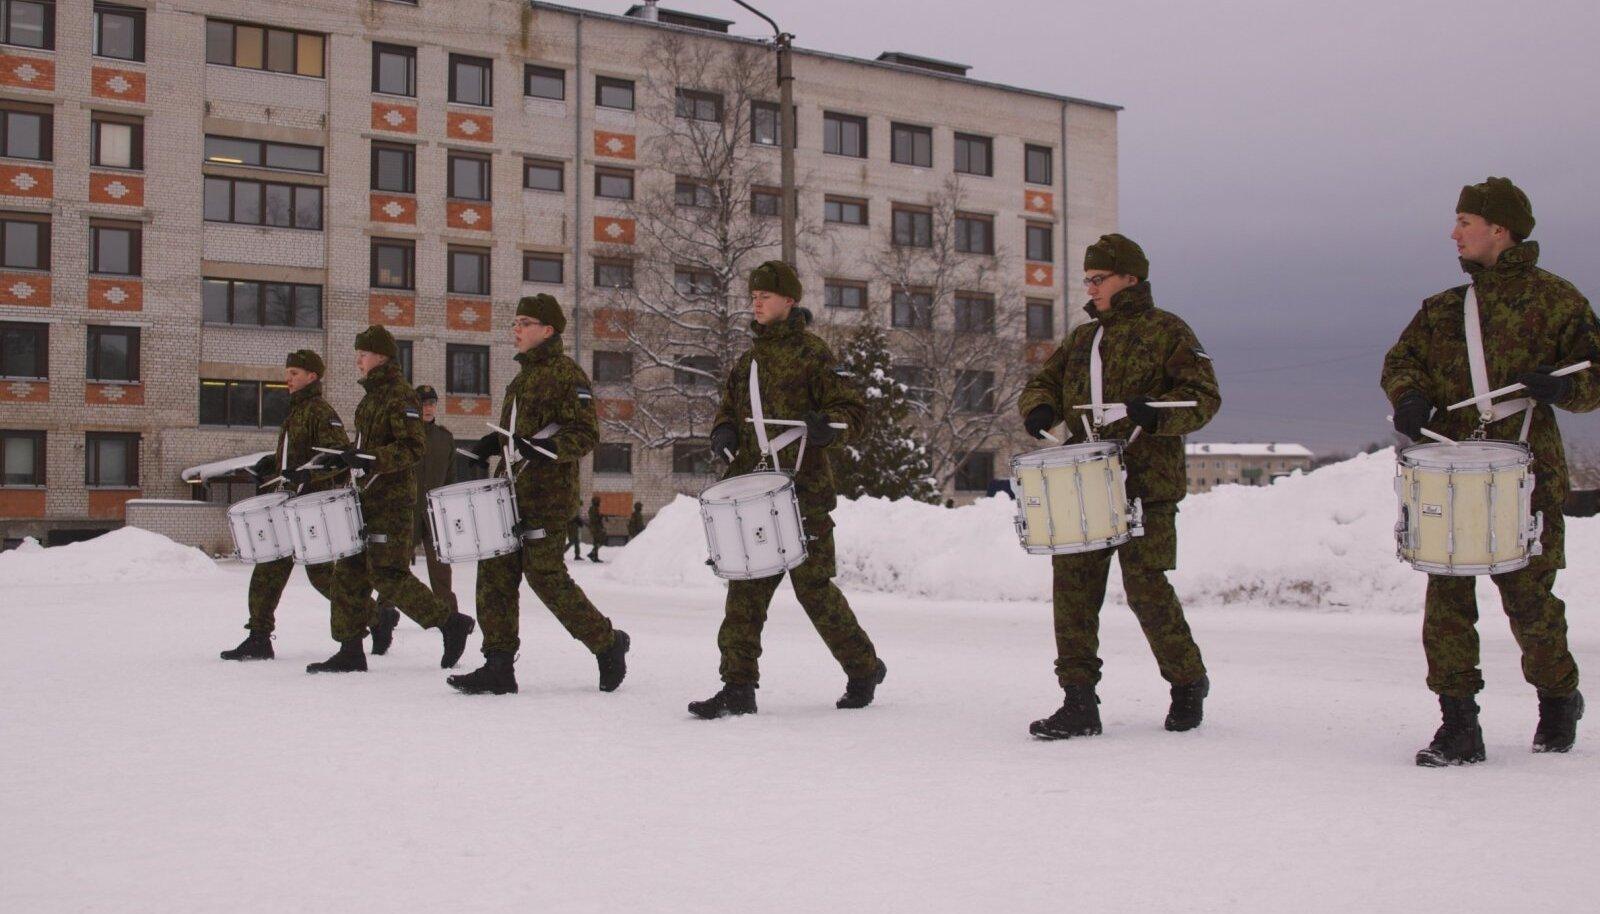 Kaitseväe orkestri trummarid harjutavad paraadiks